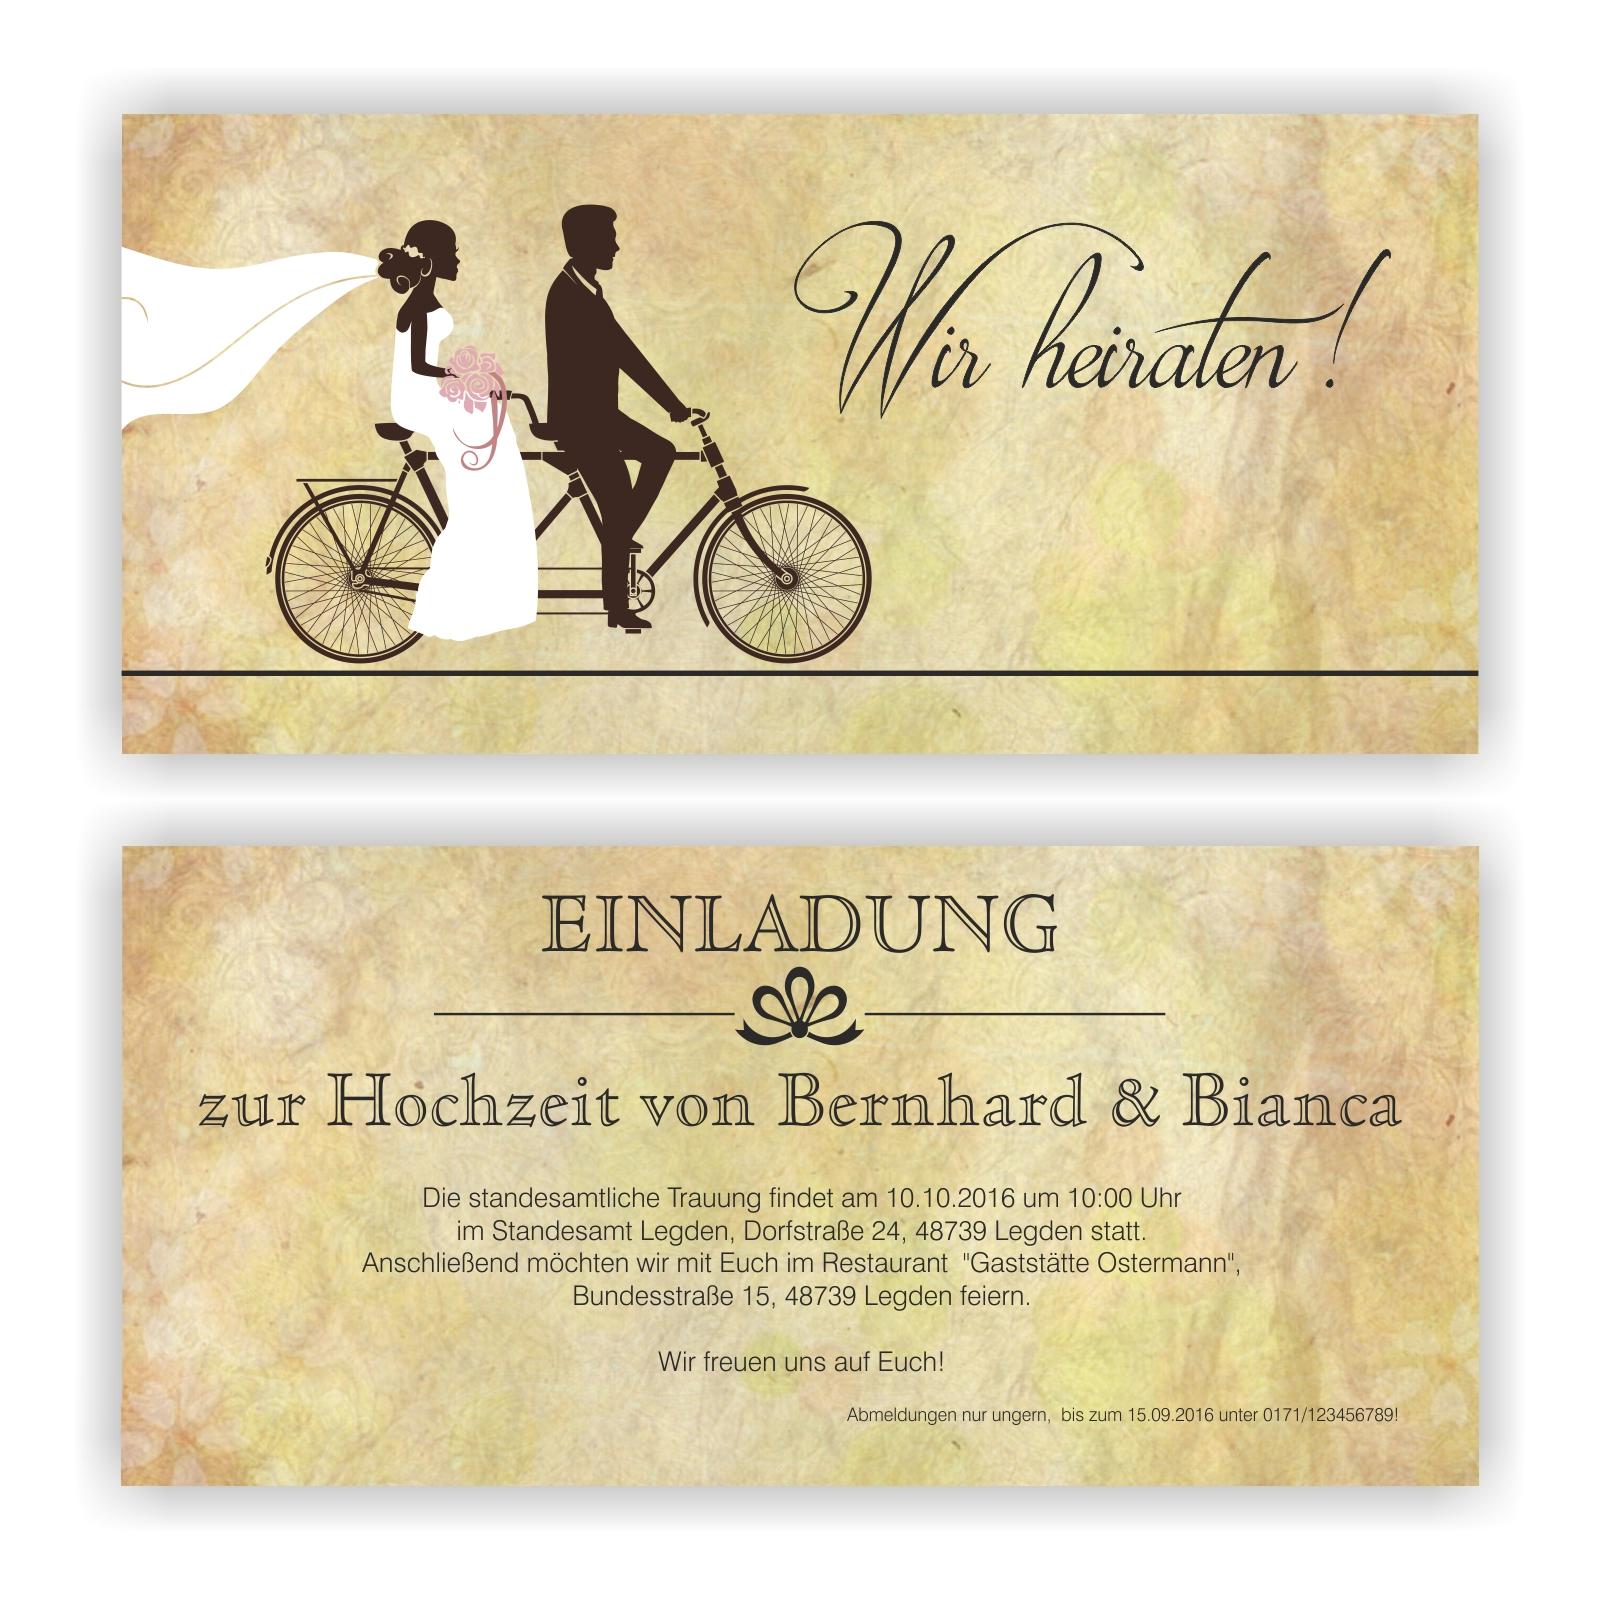 Einladung zur Hochzeit l Einladungskarte